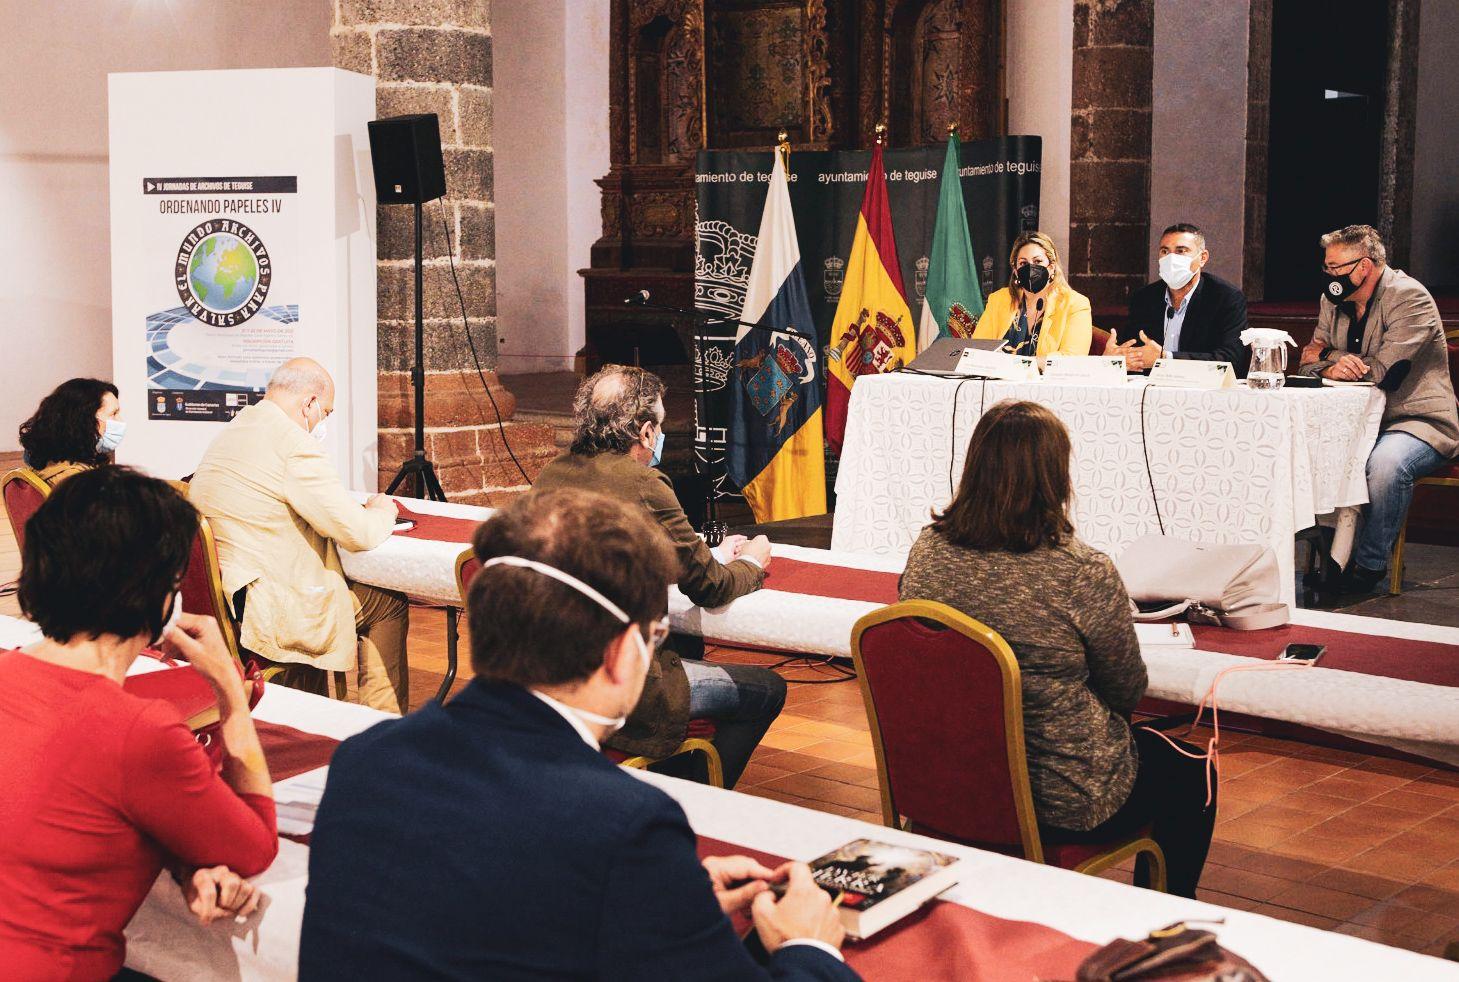 Teguise acogerá la clausura del Campus de Verano de la Fundación Canarias Siglo XXI